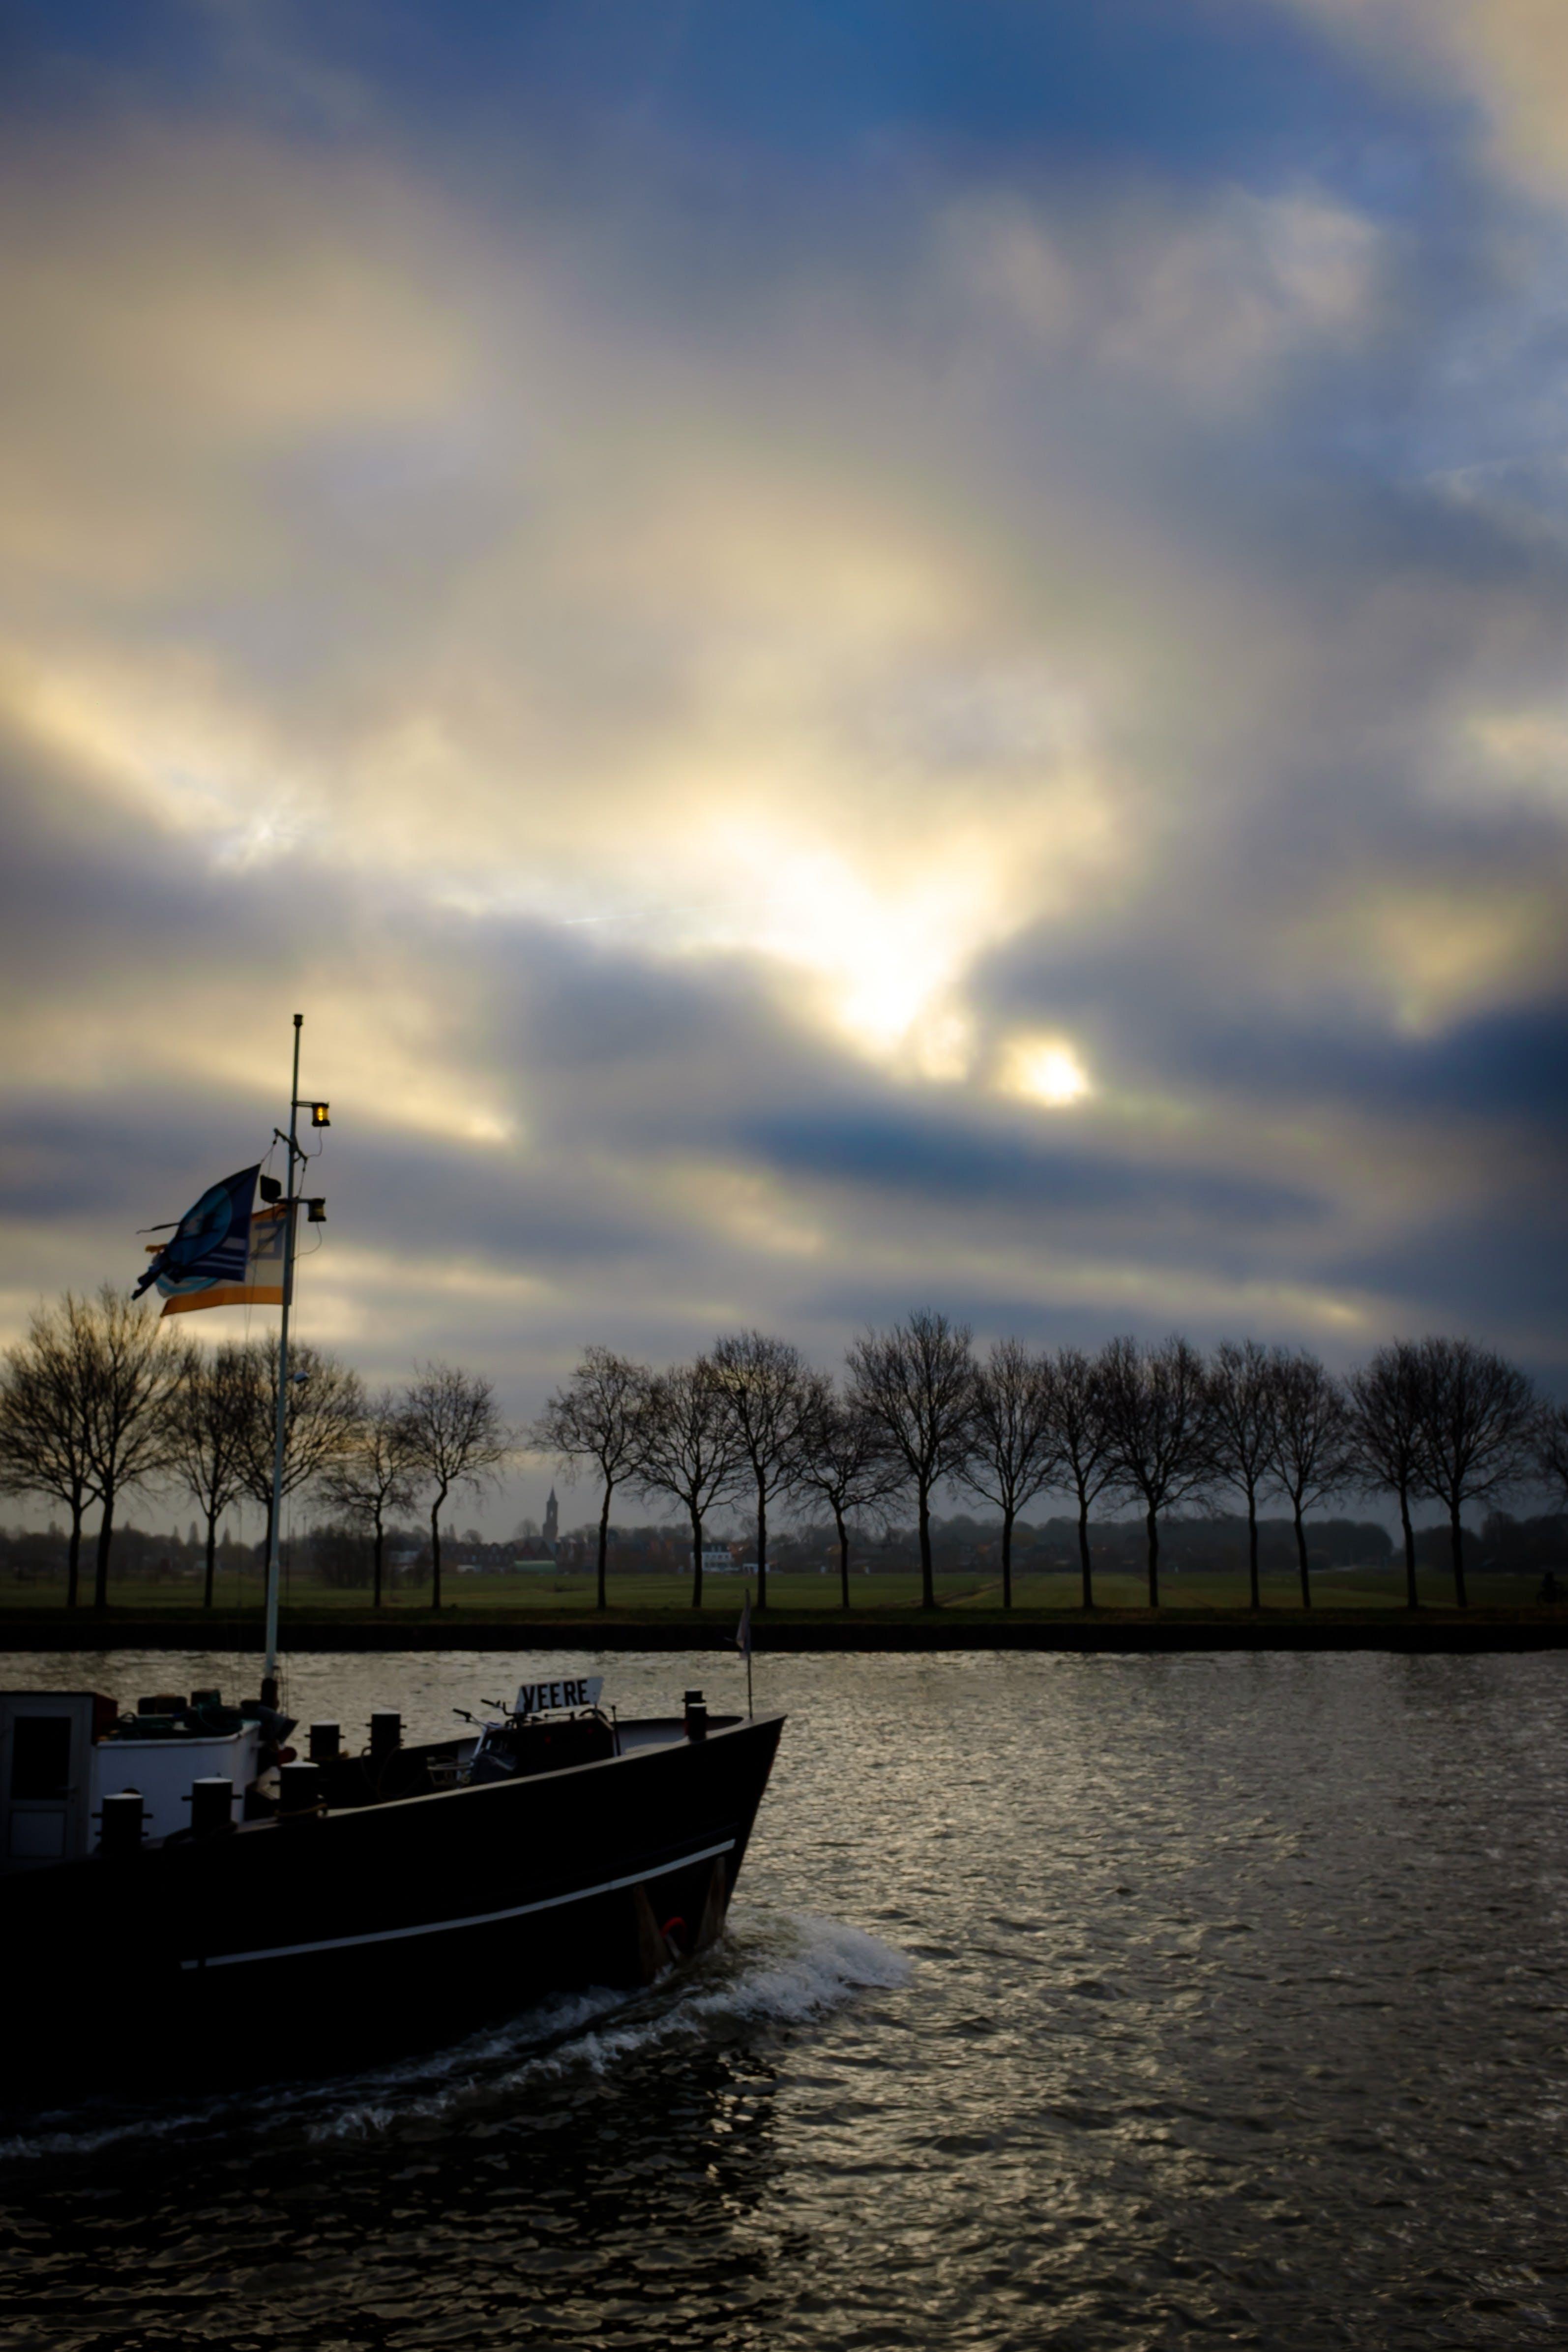 Free stock photo of jetty, light, landscape, sky